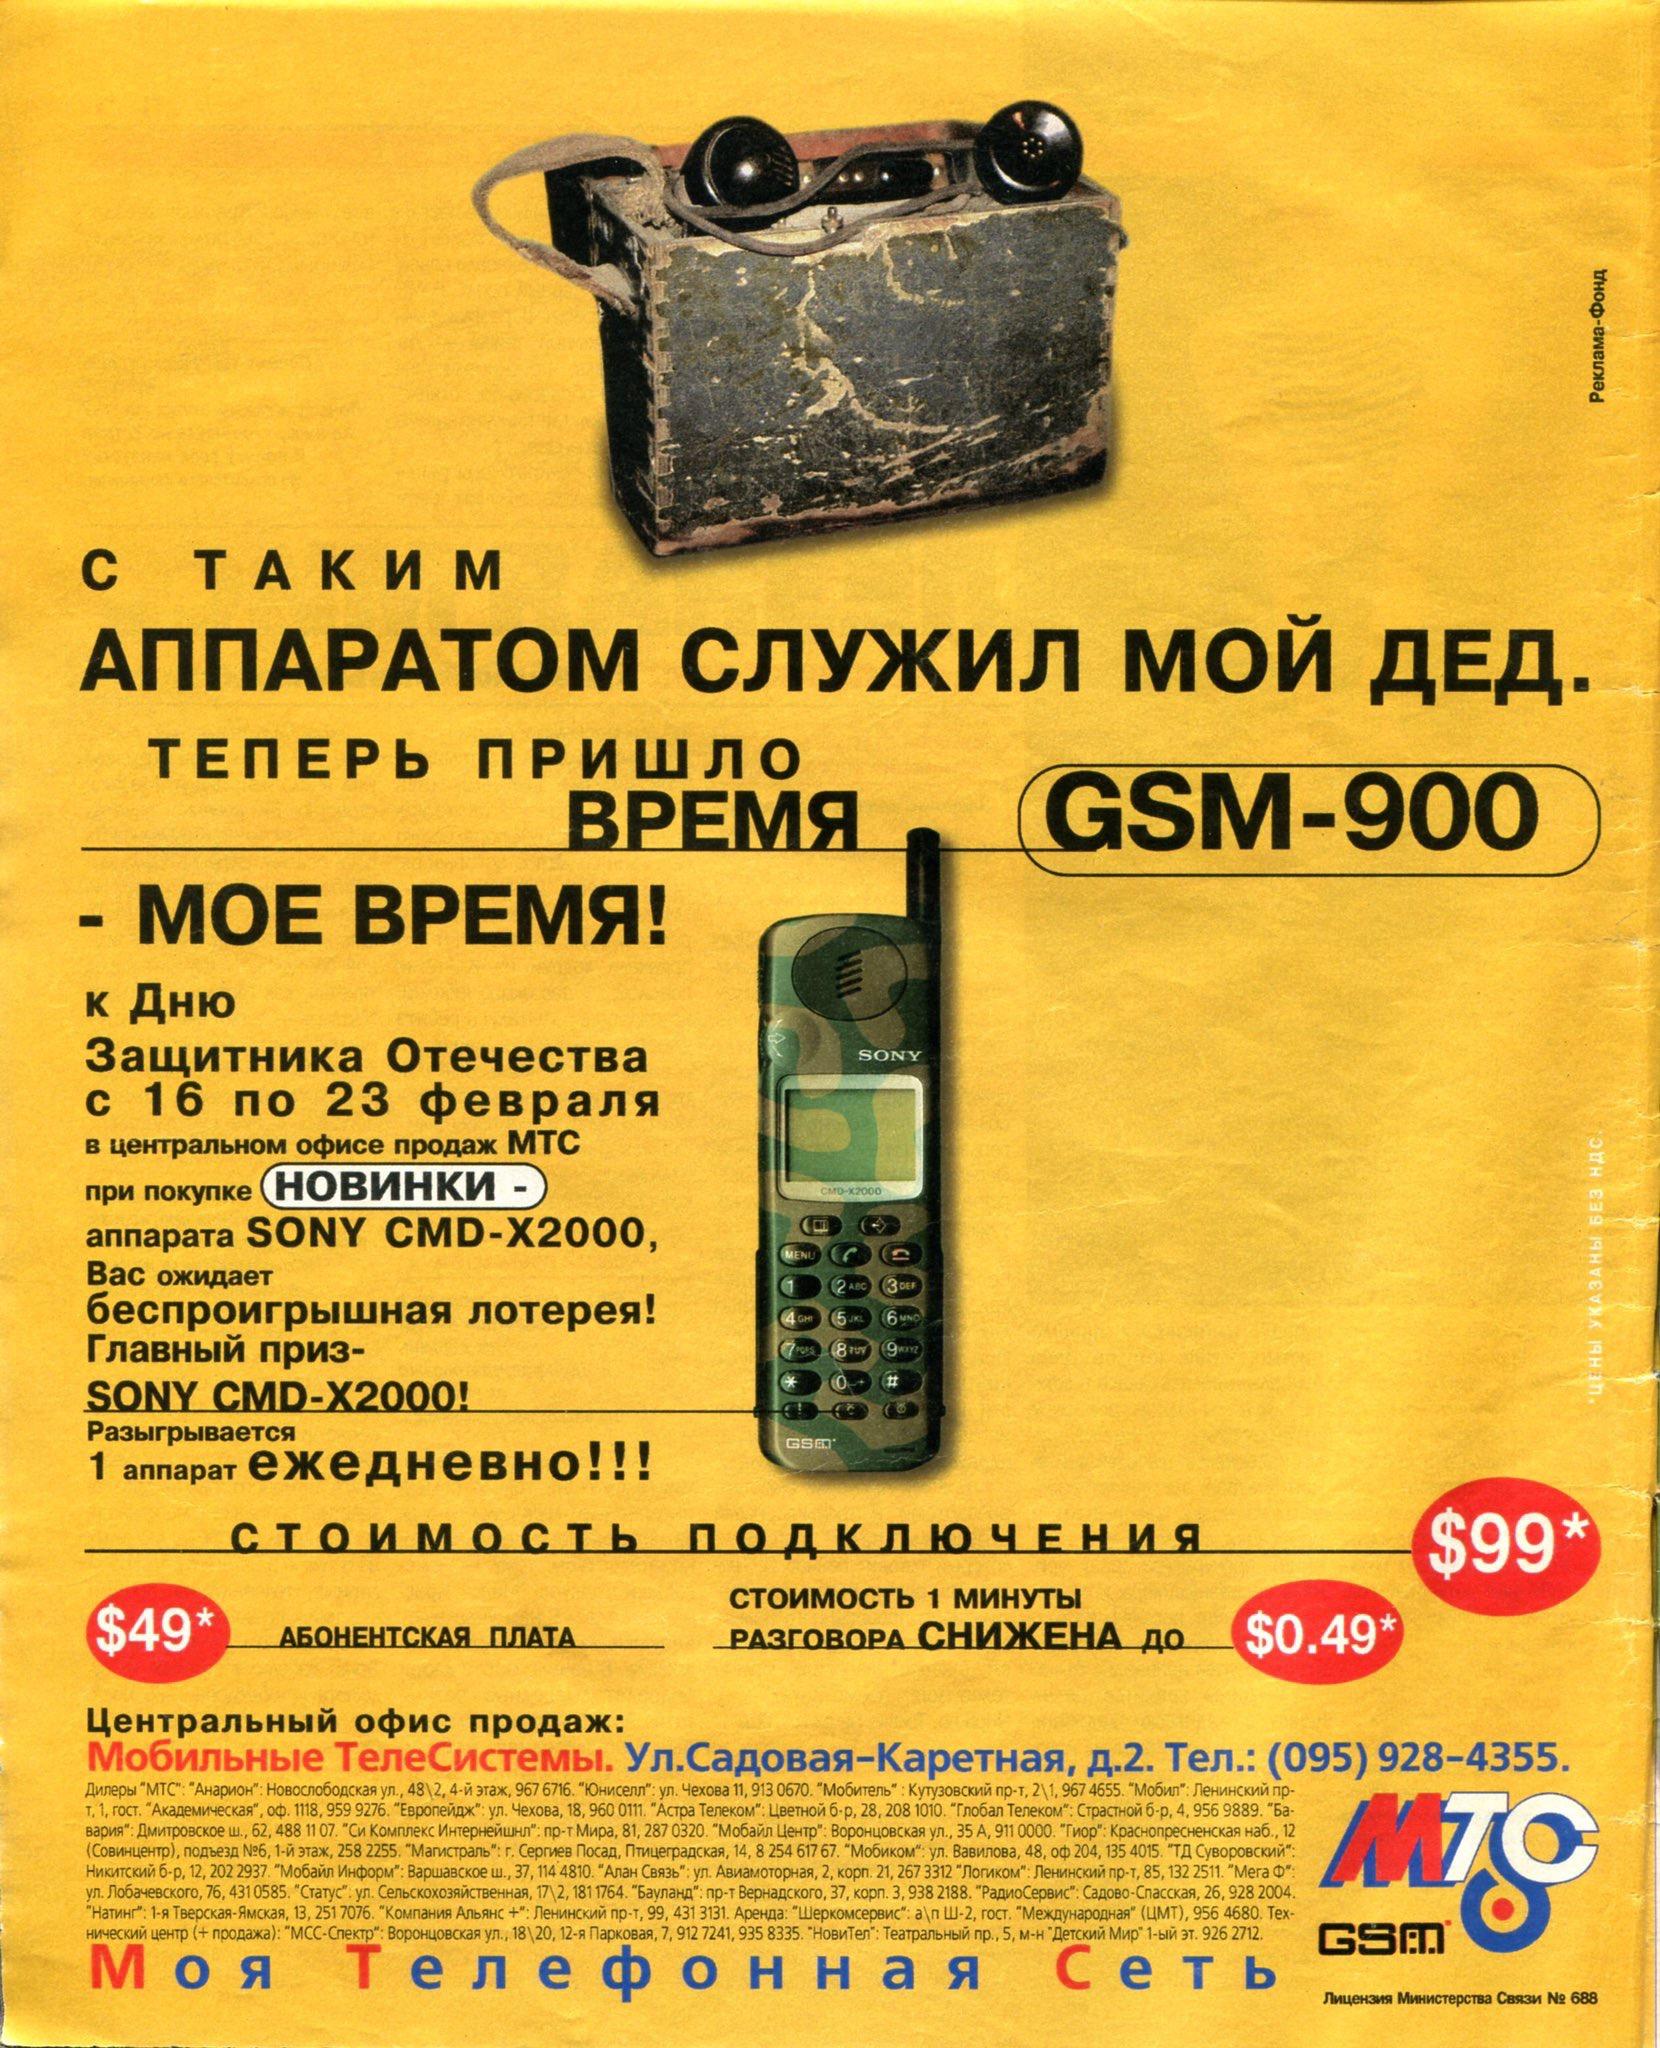 http://s5.uploads.ru/GU4ov.jpg